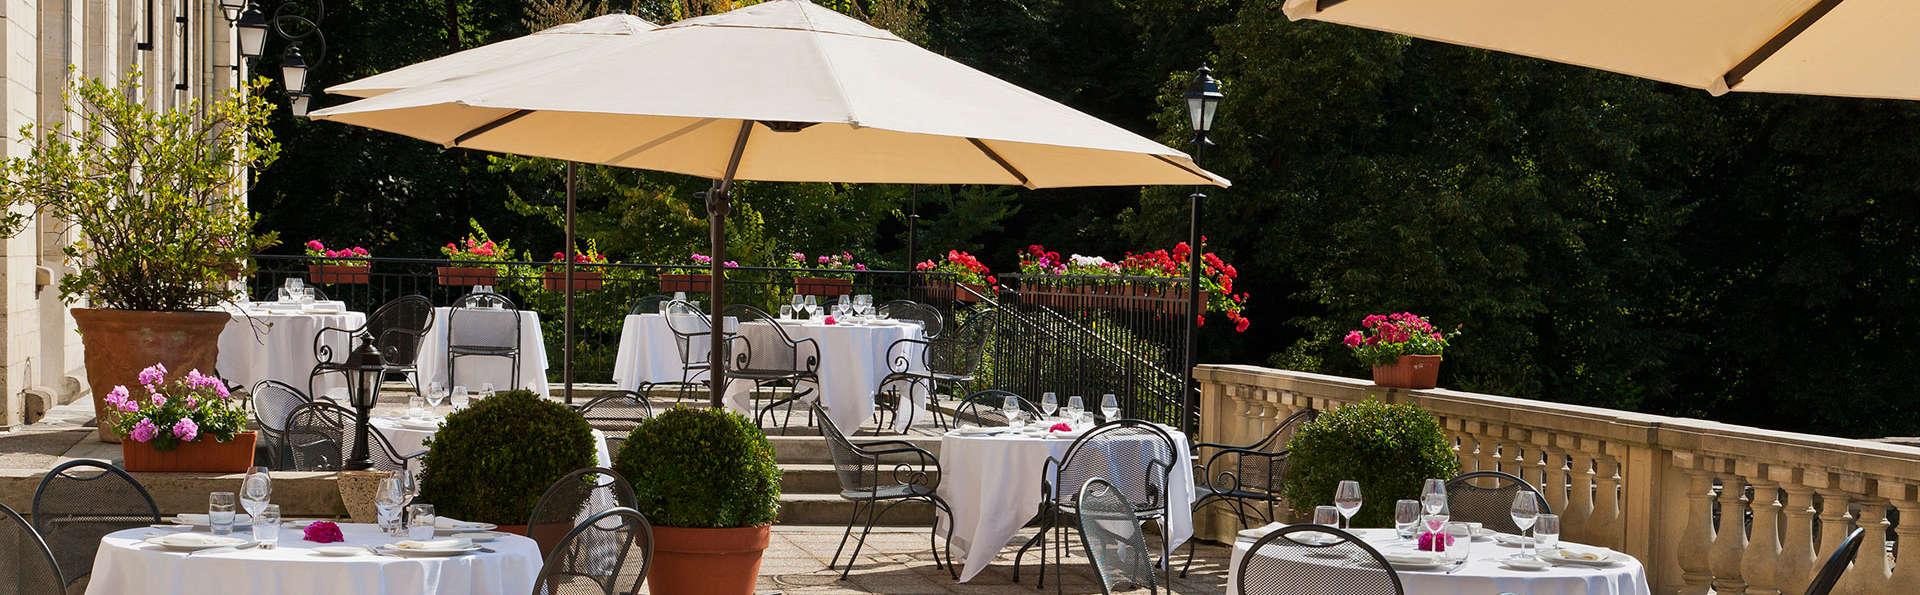 Week-end détente avec diner 3 plats à Chantilly